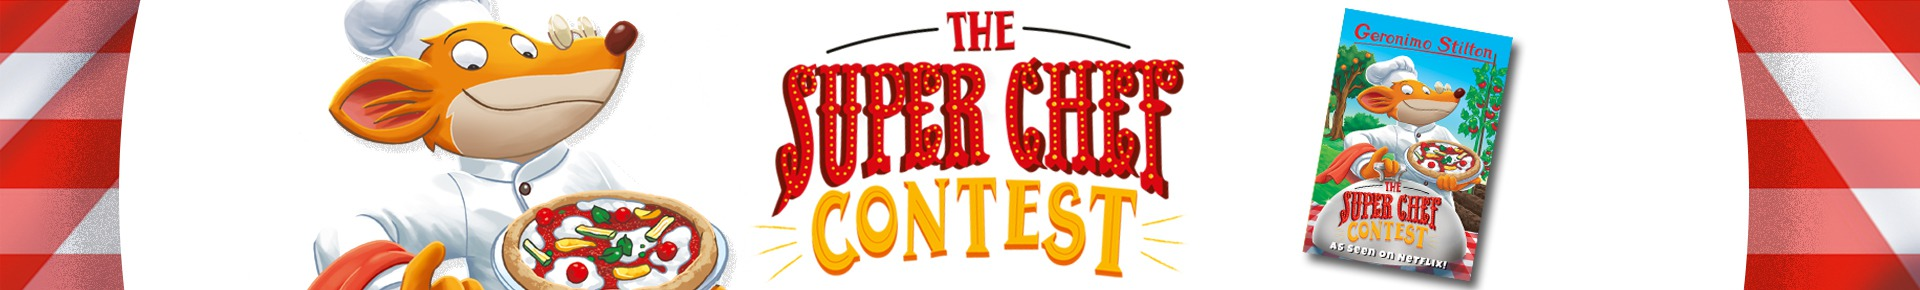 Super Chef Contest